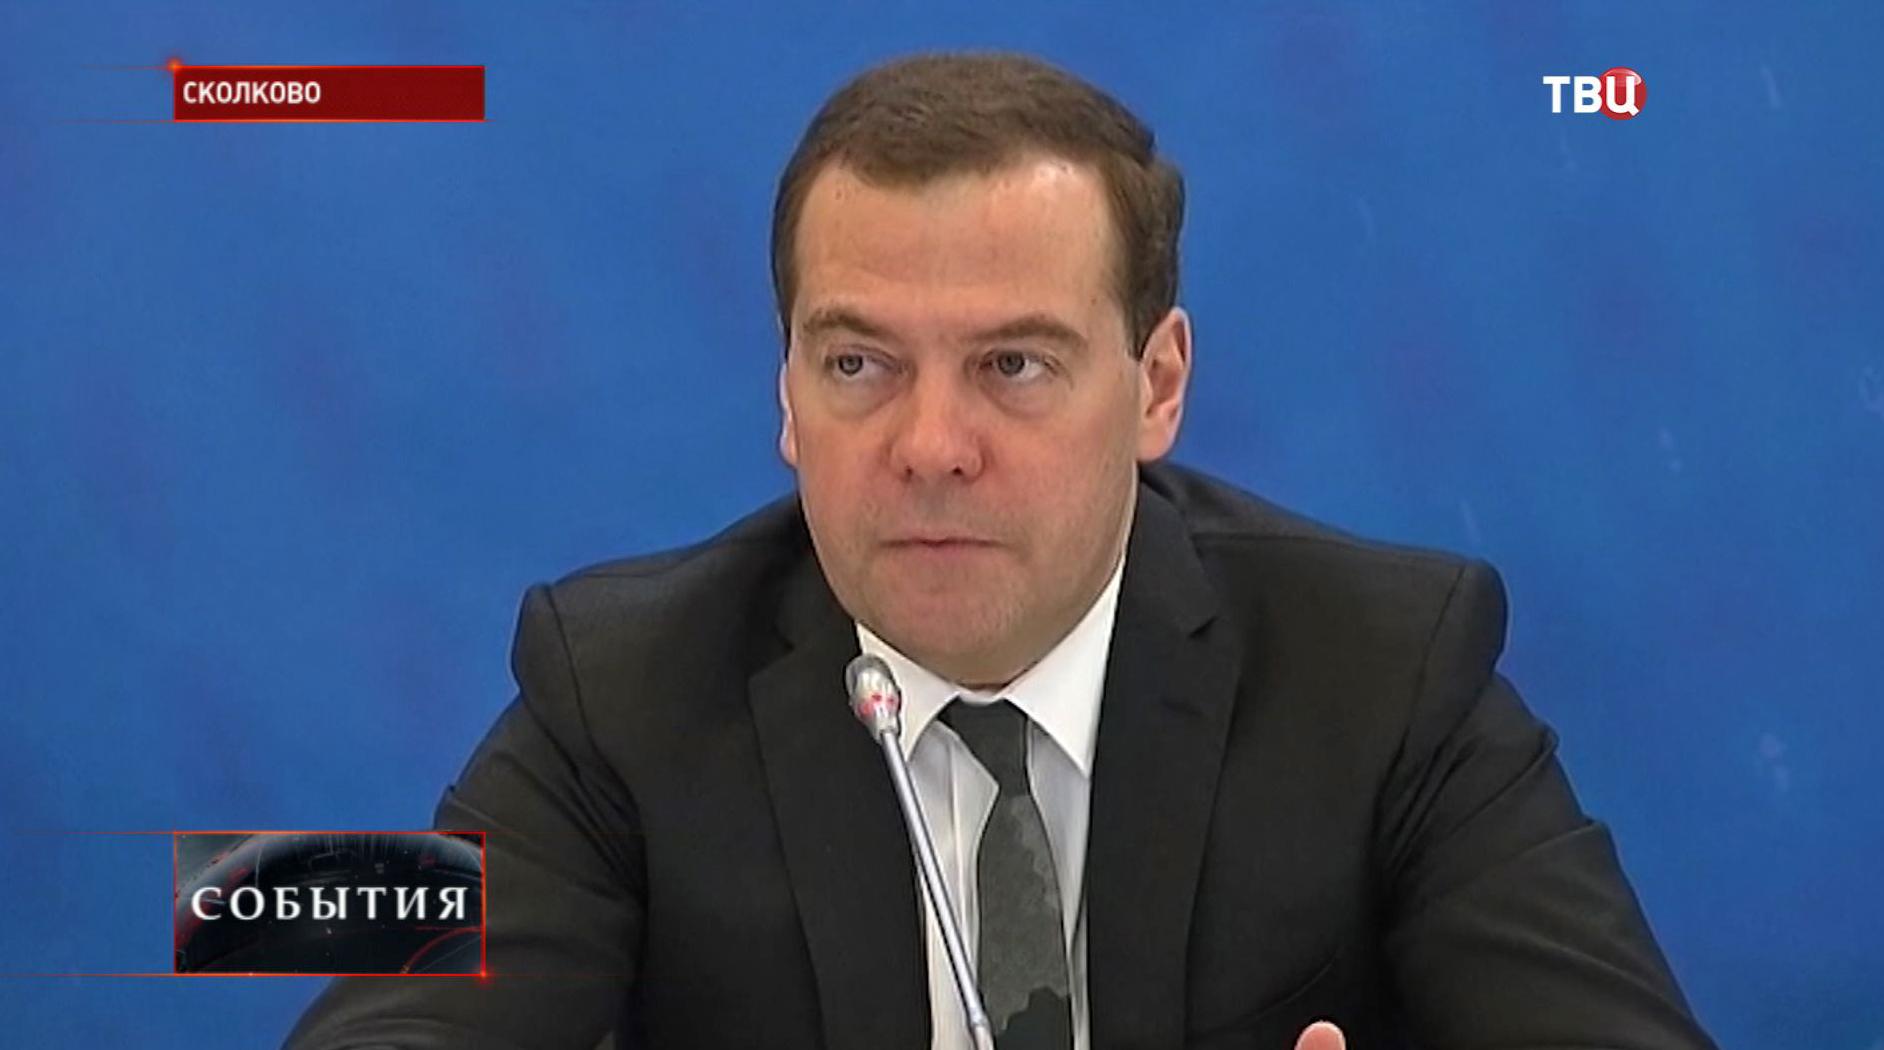 Дмитрий Медведев на заседании президиума Совета по модернизации экономики и инновационному развитию в Сколкове